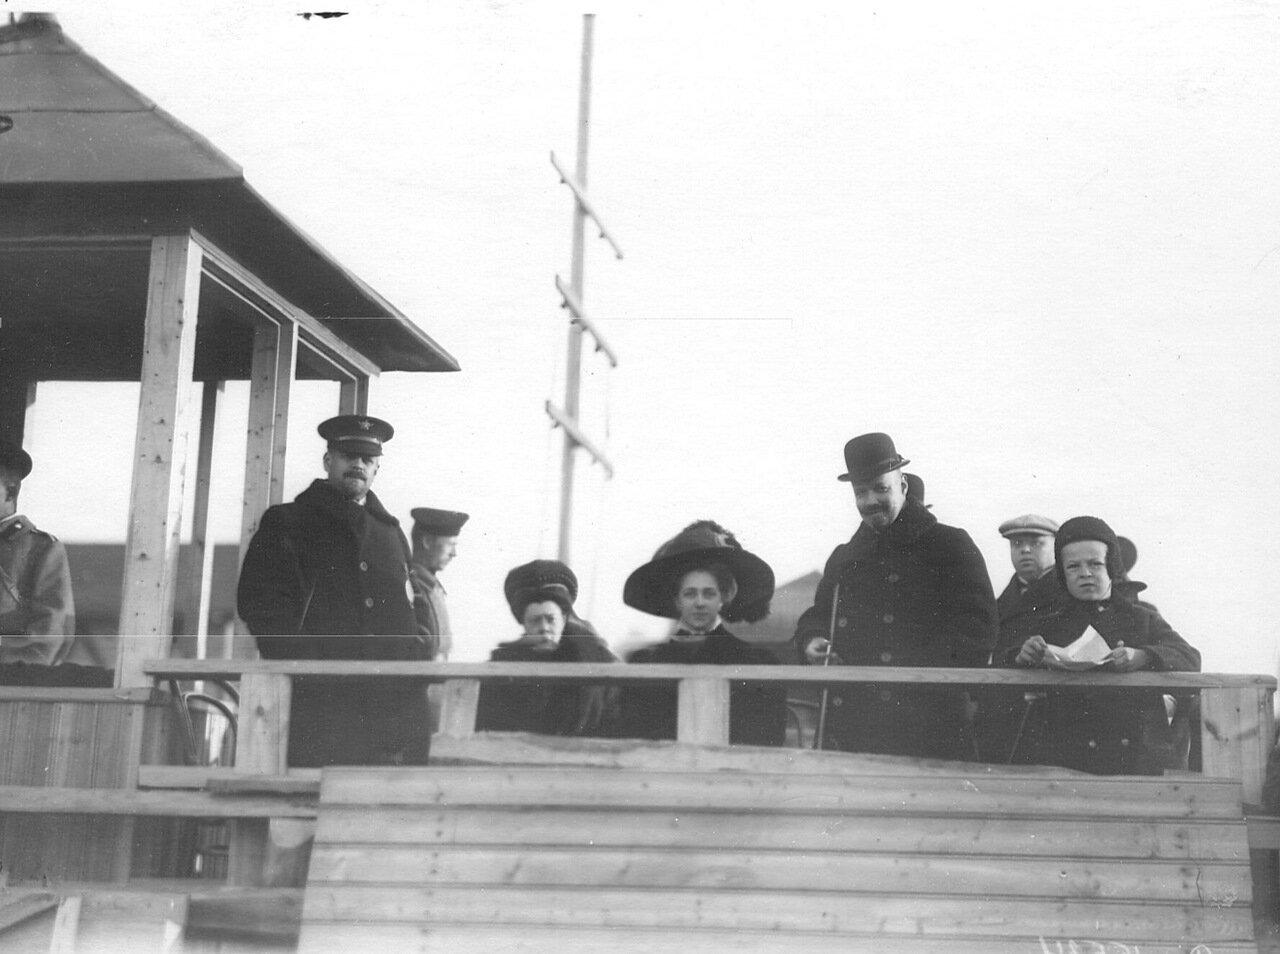 14. Группа зрителей на трибуне аэродрома во время праздника